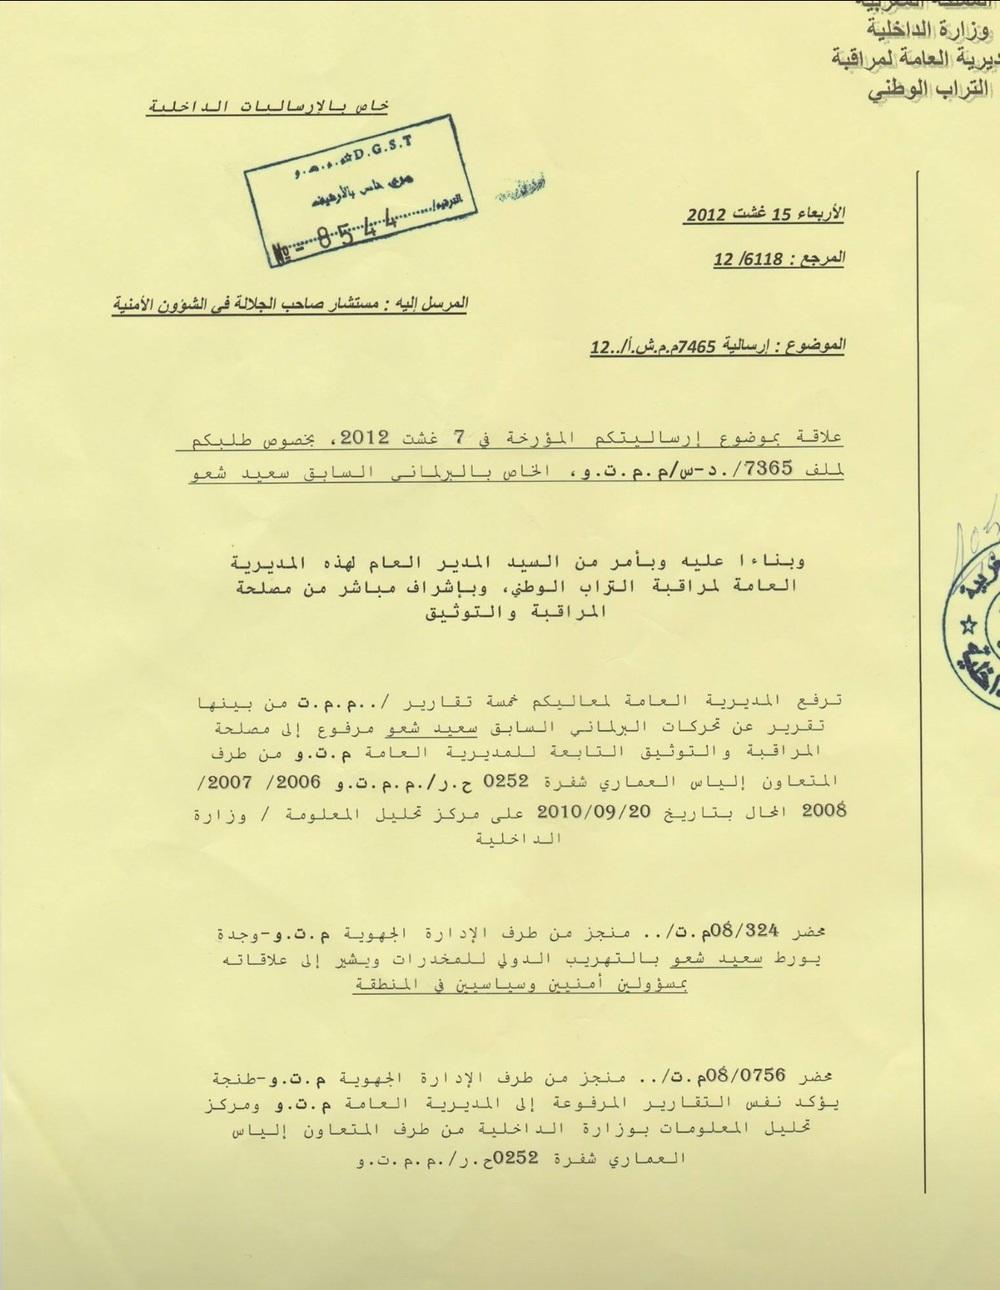 الوثيقة التي اتهم بها شعو الياس بالعمالة